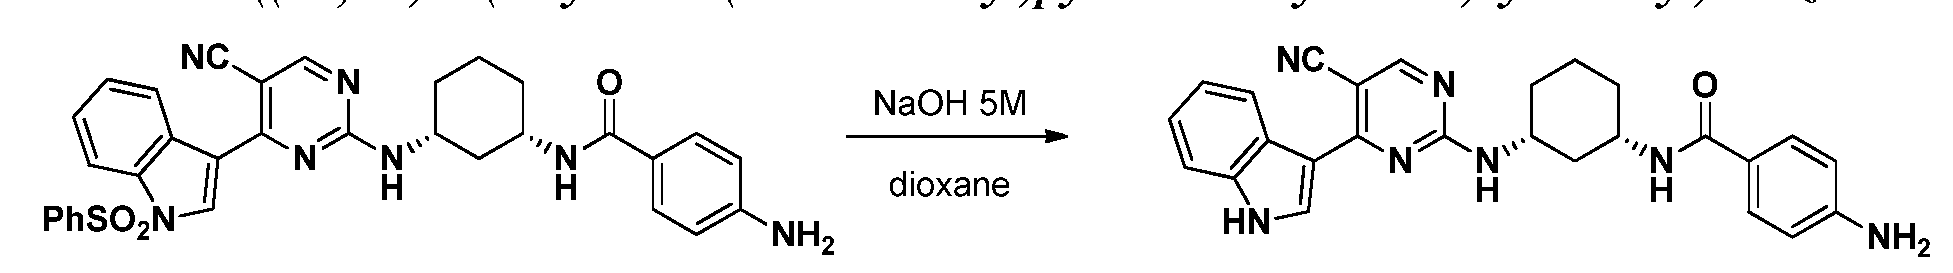 Figure imgf000169_0002